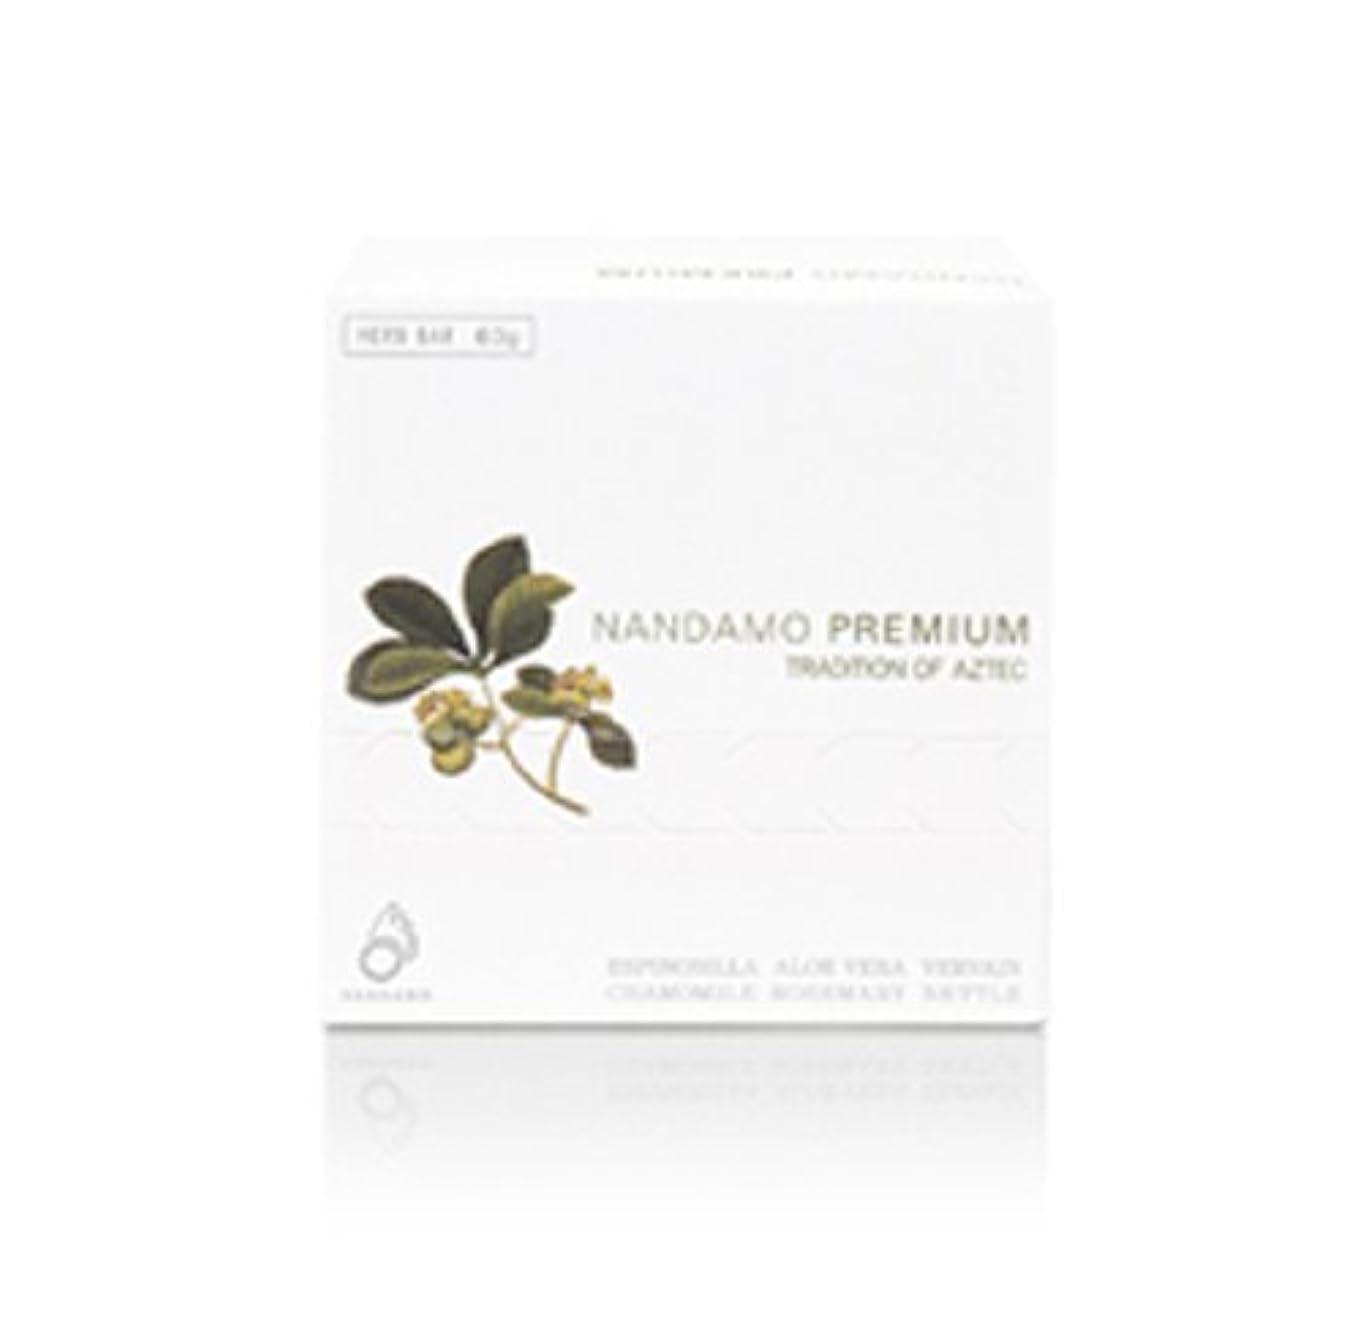 寸前メタリック満足させるNANDAMO PREMIUM(ナンダモプレミアム)ナンダモプレミアム60g